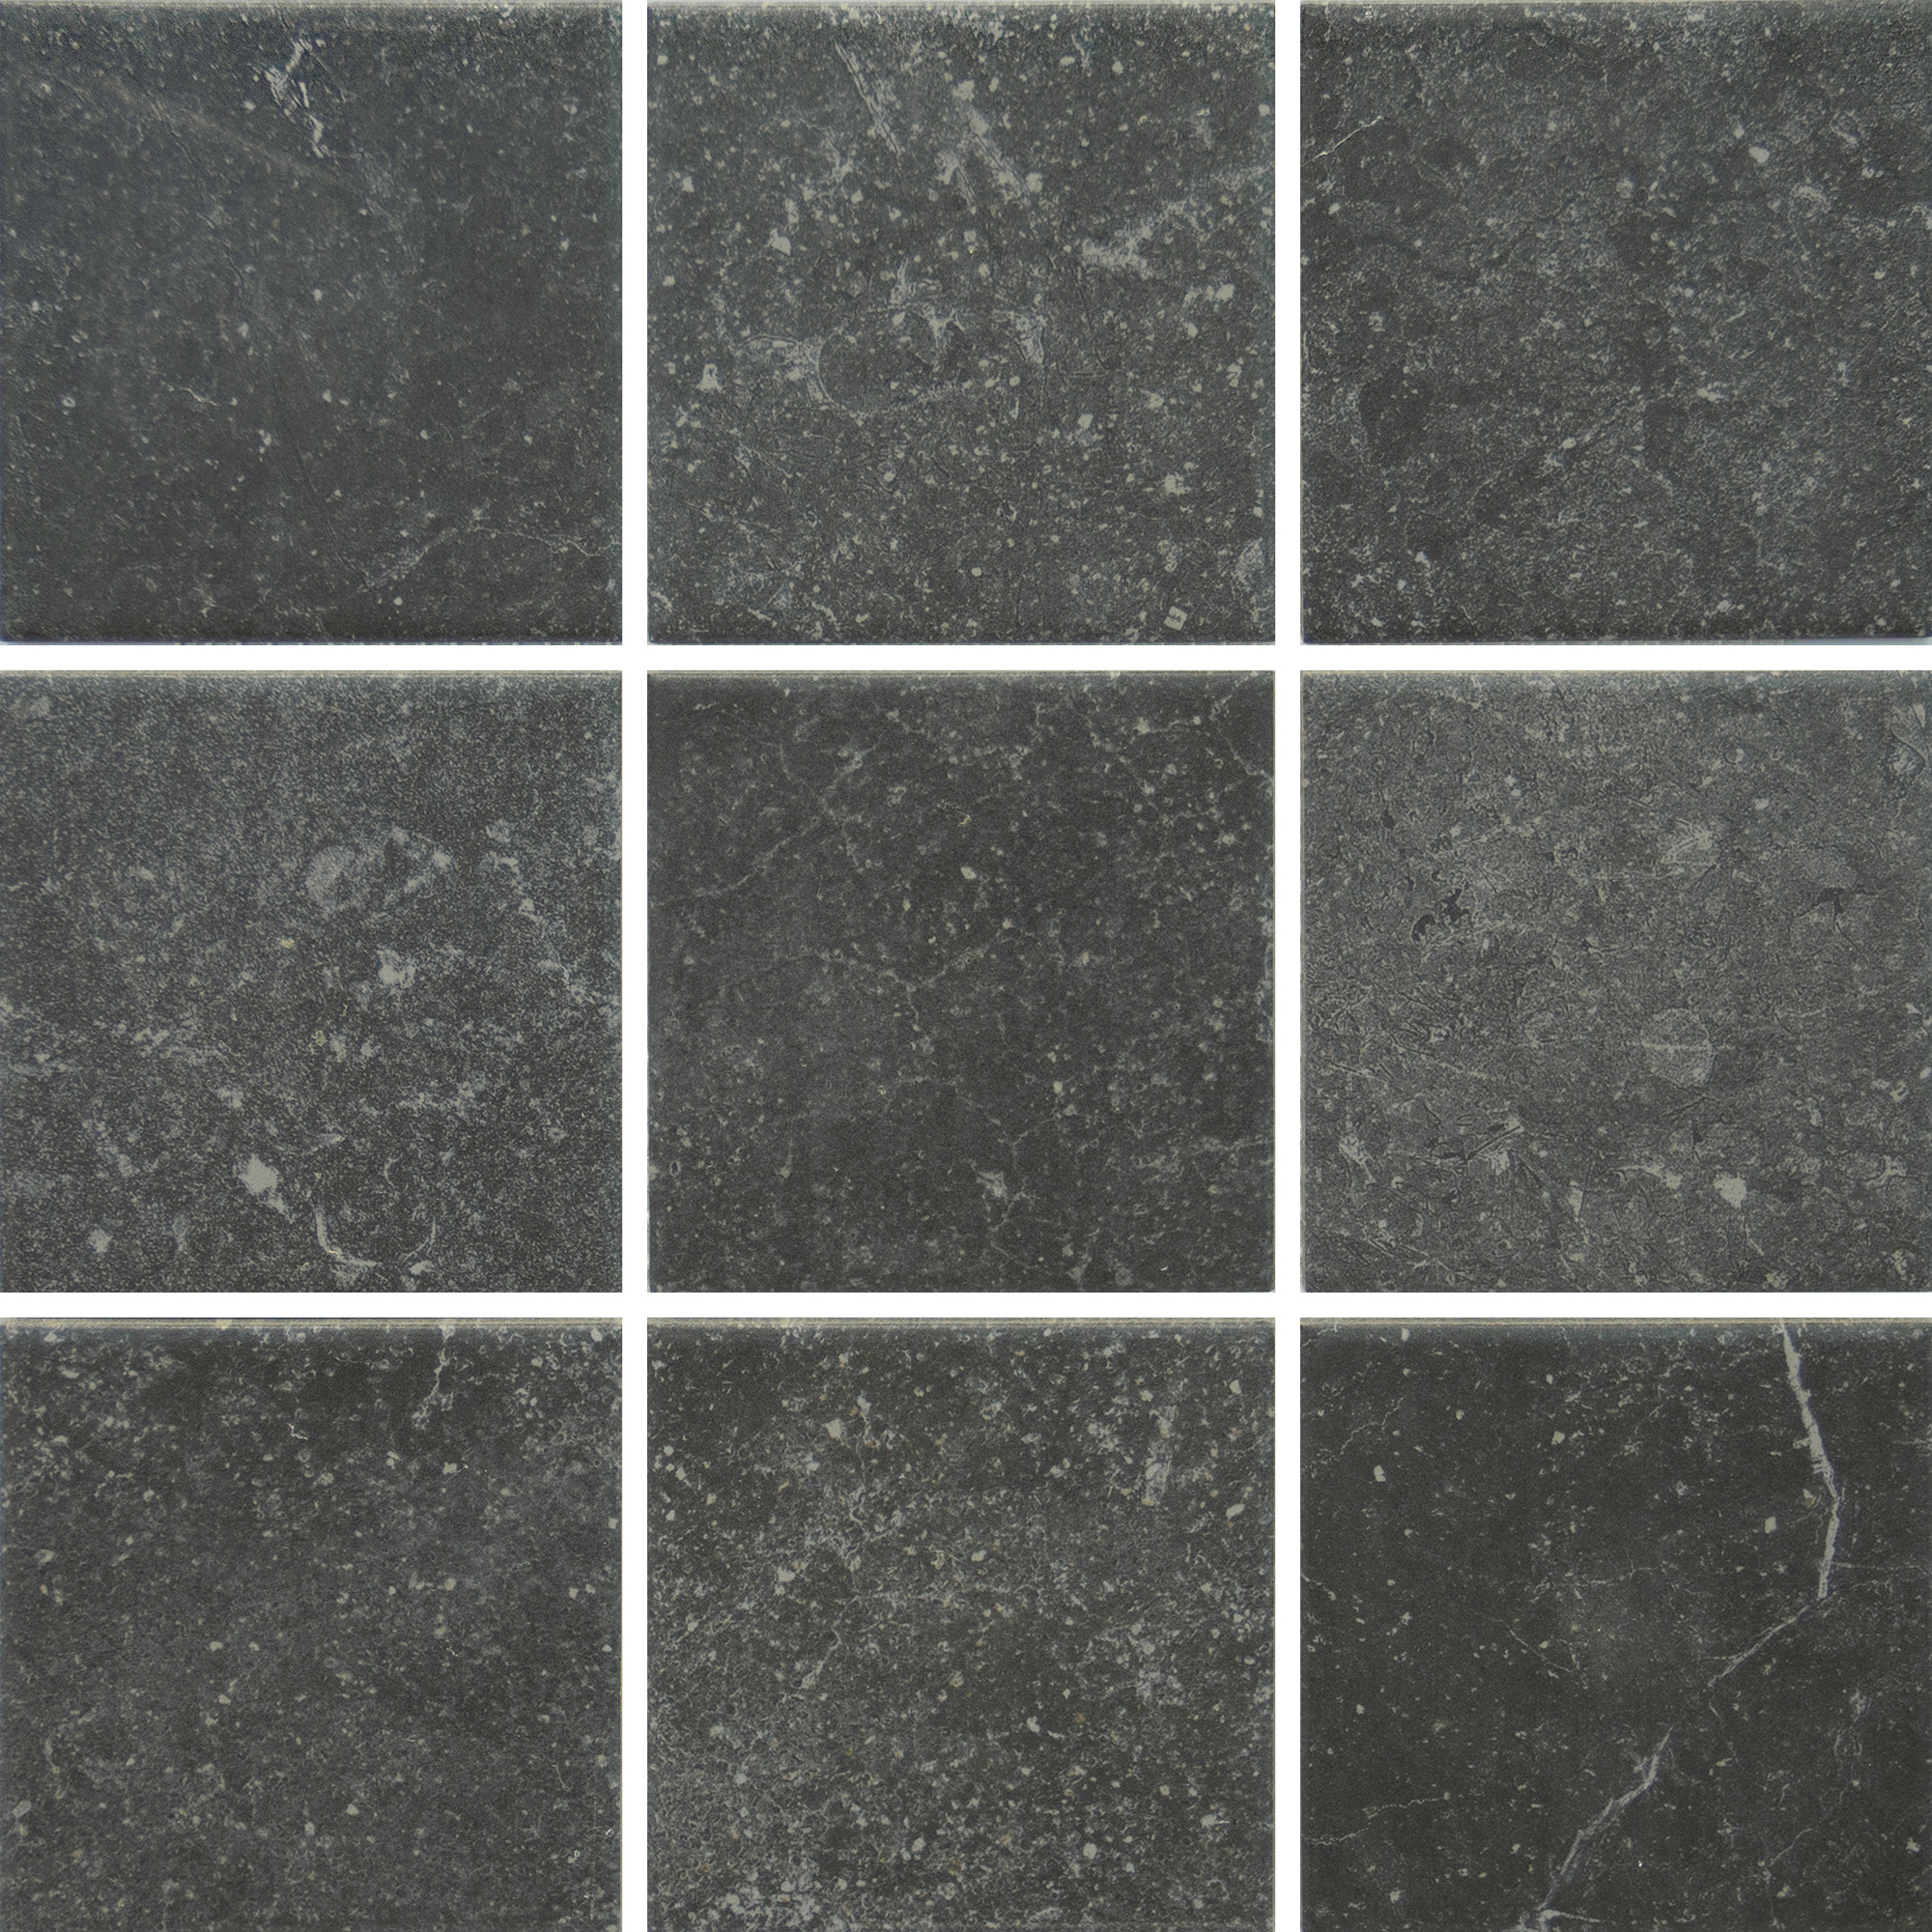 KR1004, Piazen 10x10, Tummanharmaa, lattia,pakkasenkesto,liukastumisenesto